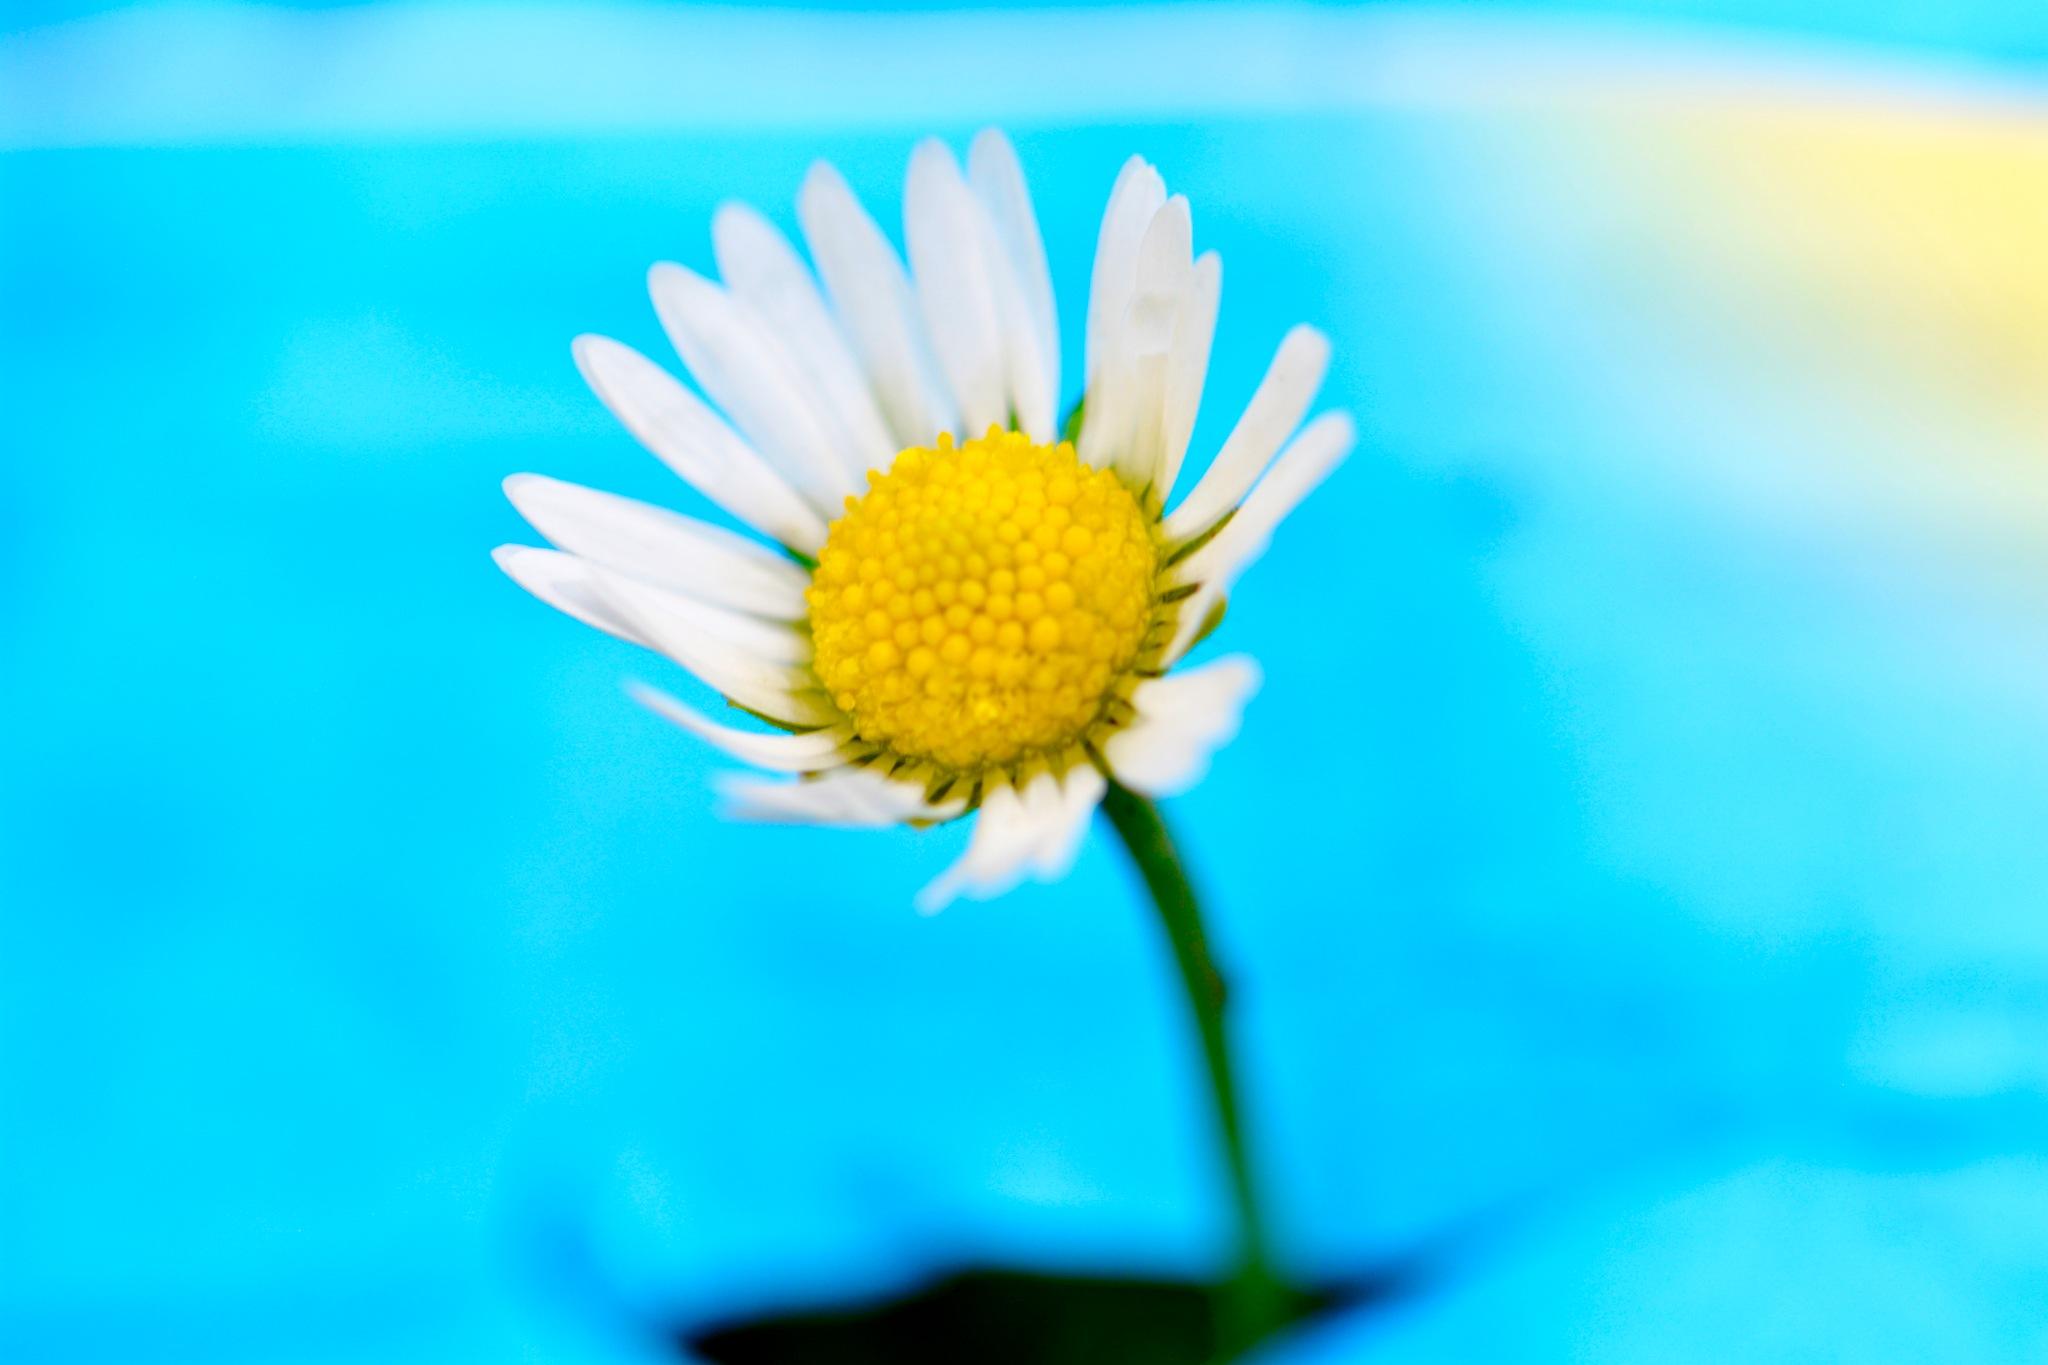 Flowers 4332! by Memed Bayatli